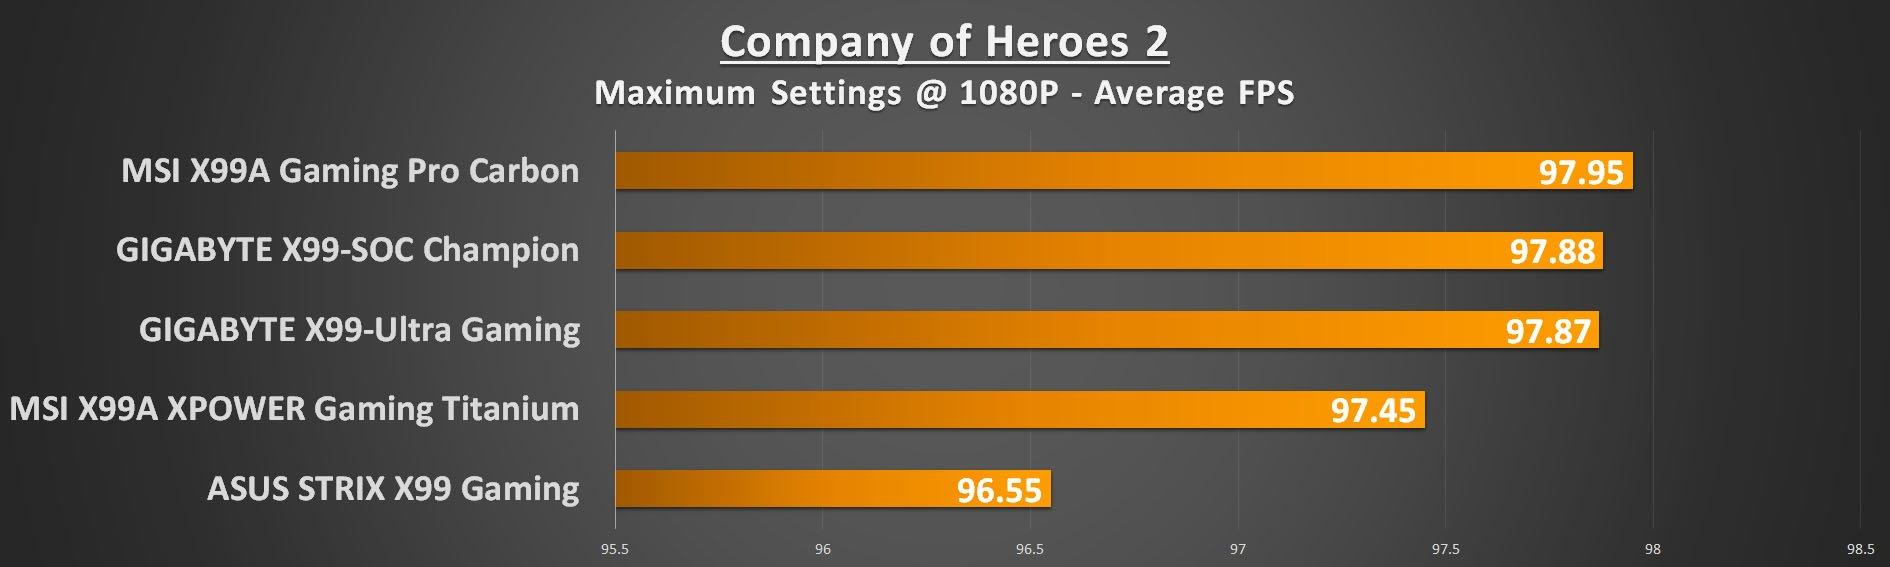 gigabyte-x99-ultra-gaming-coh2-1080